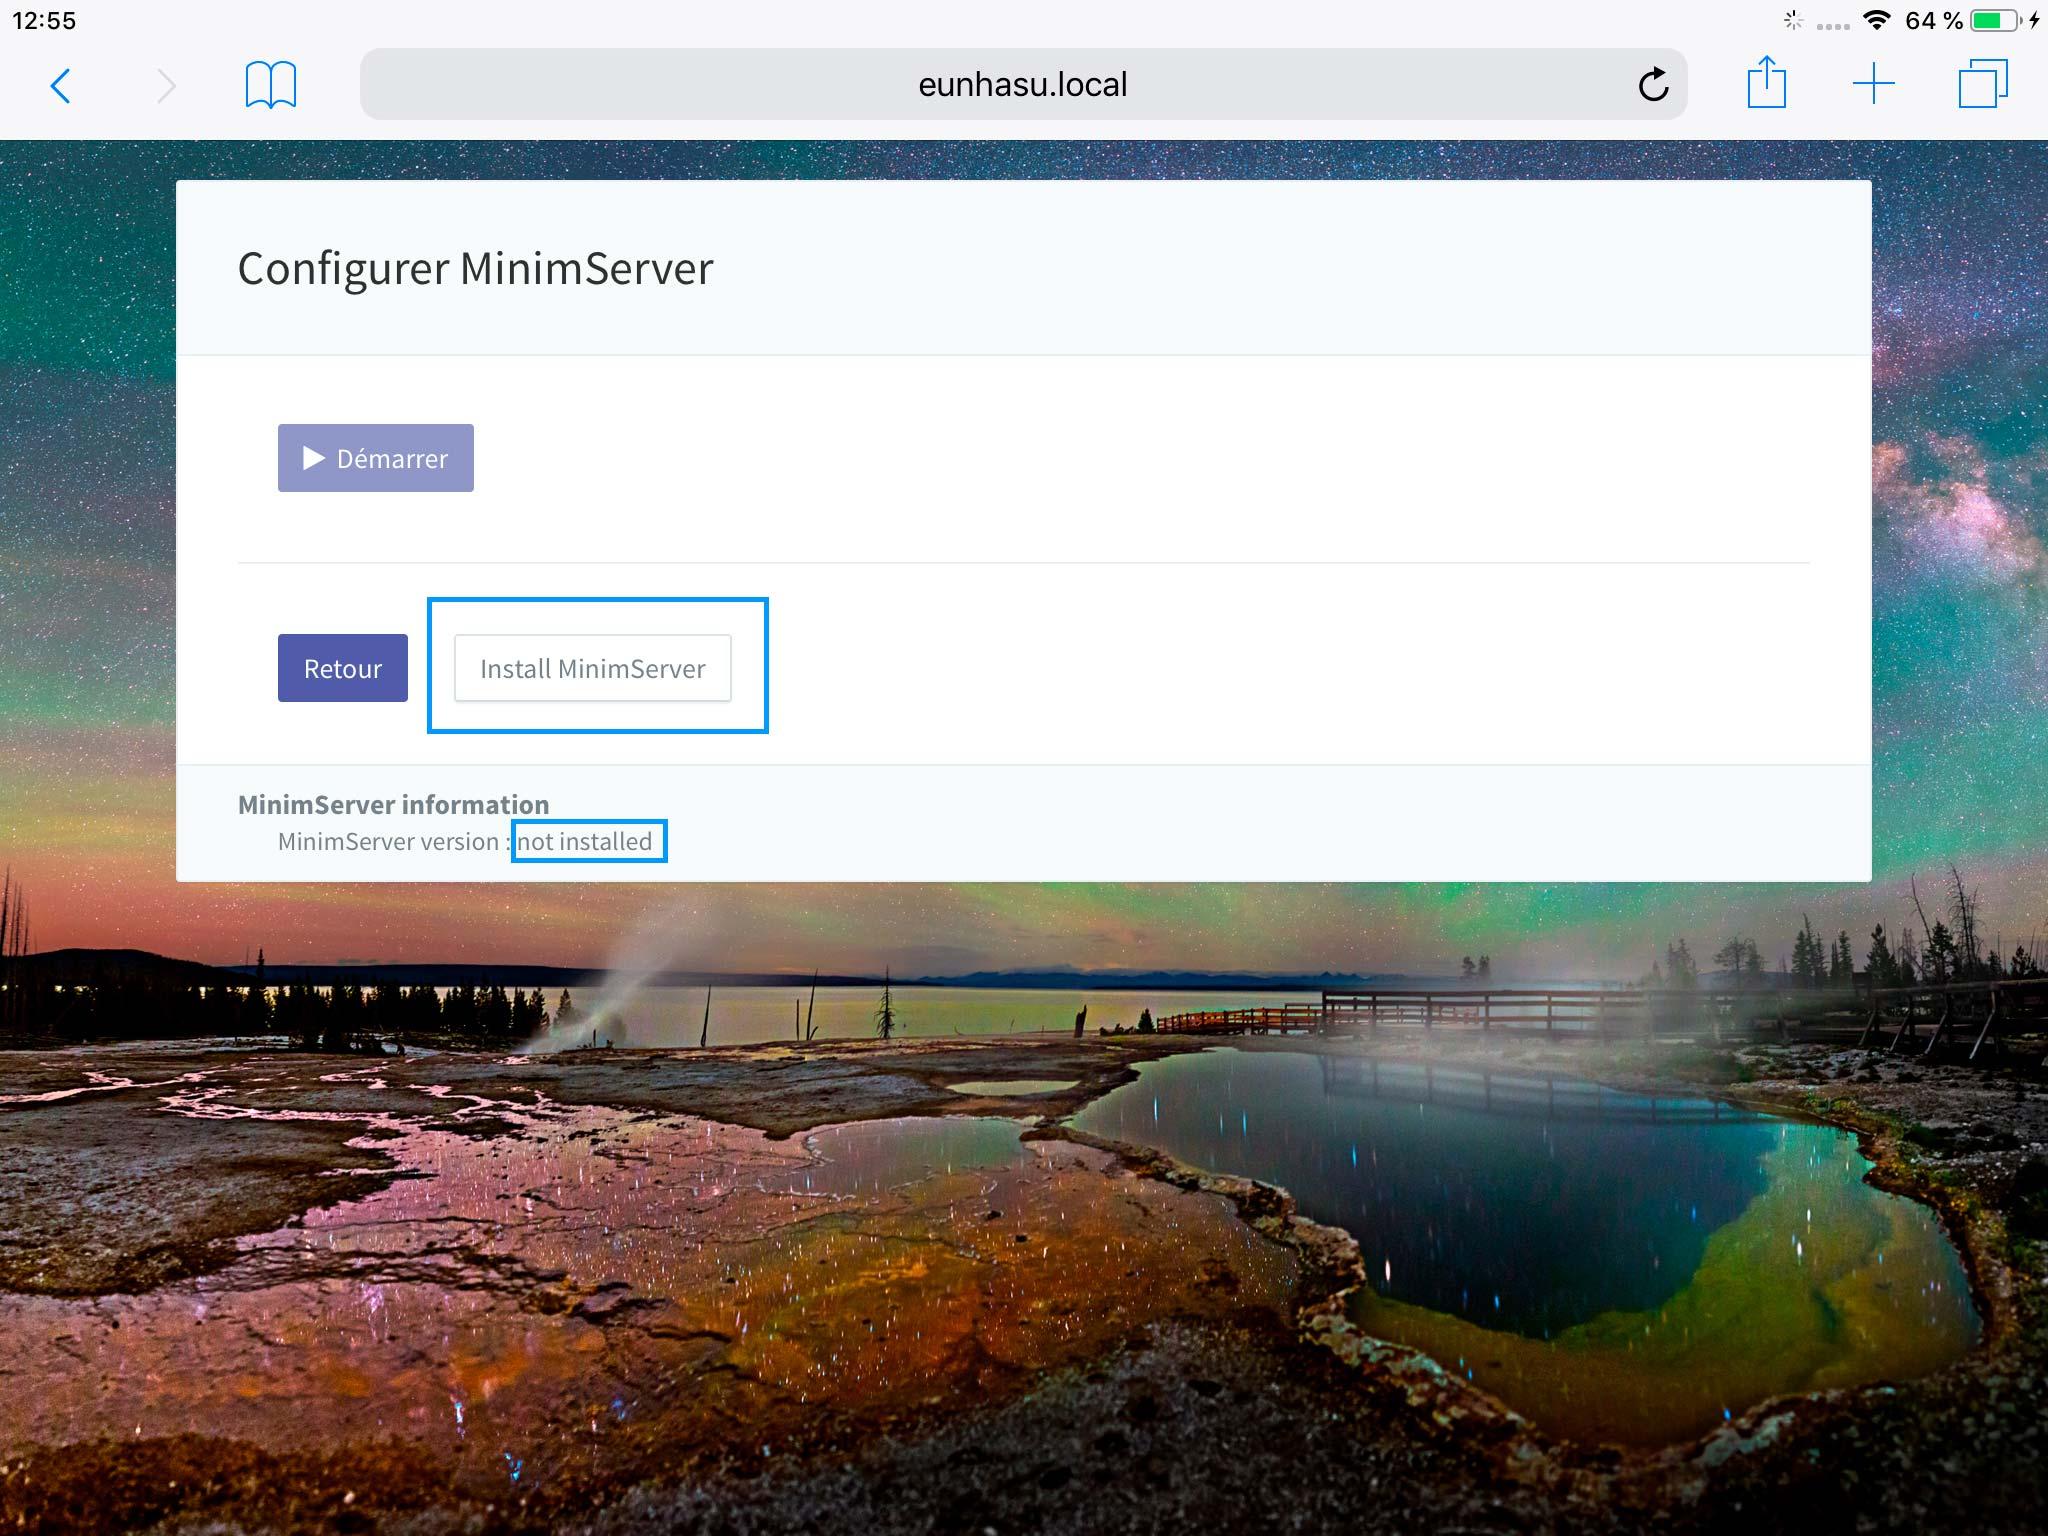 Pour l'installation du serveur UPnP / DLNA MinimServer sur le lecteur SOtM sMS-200